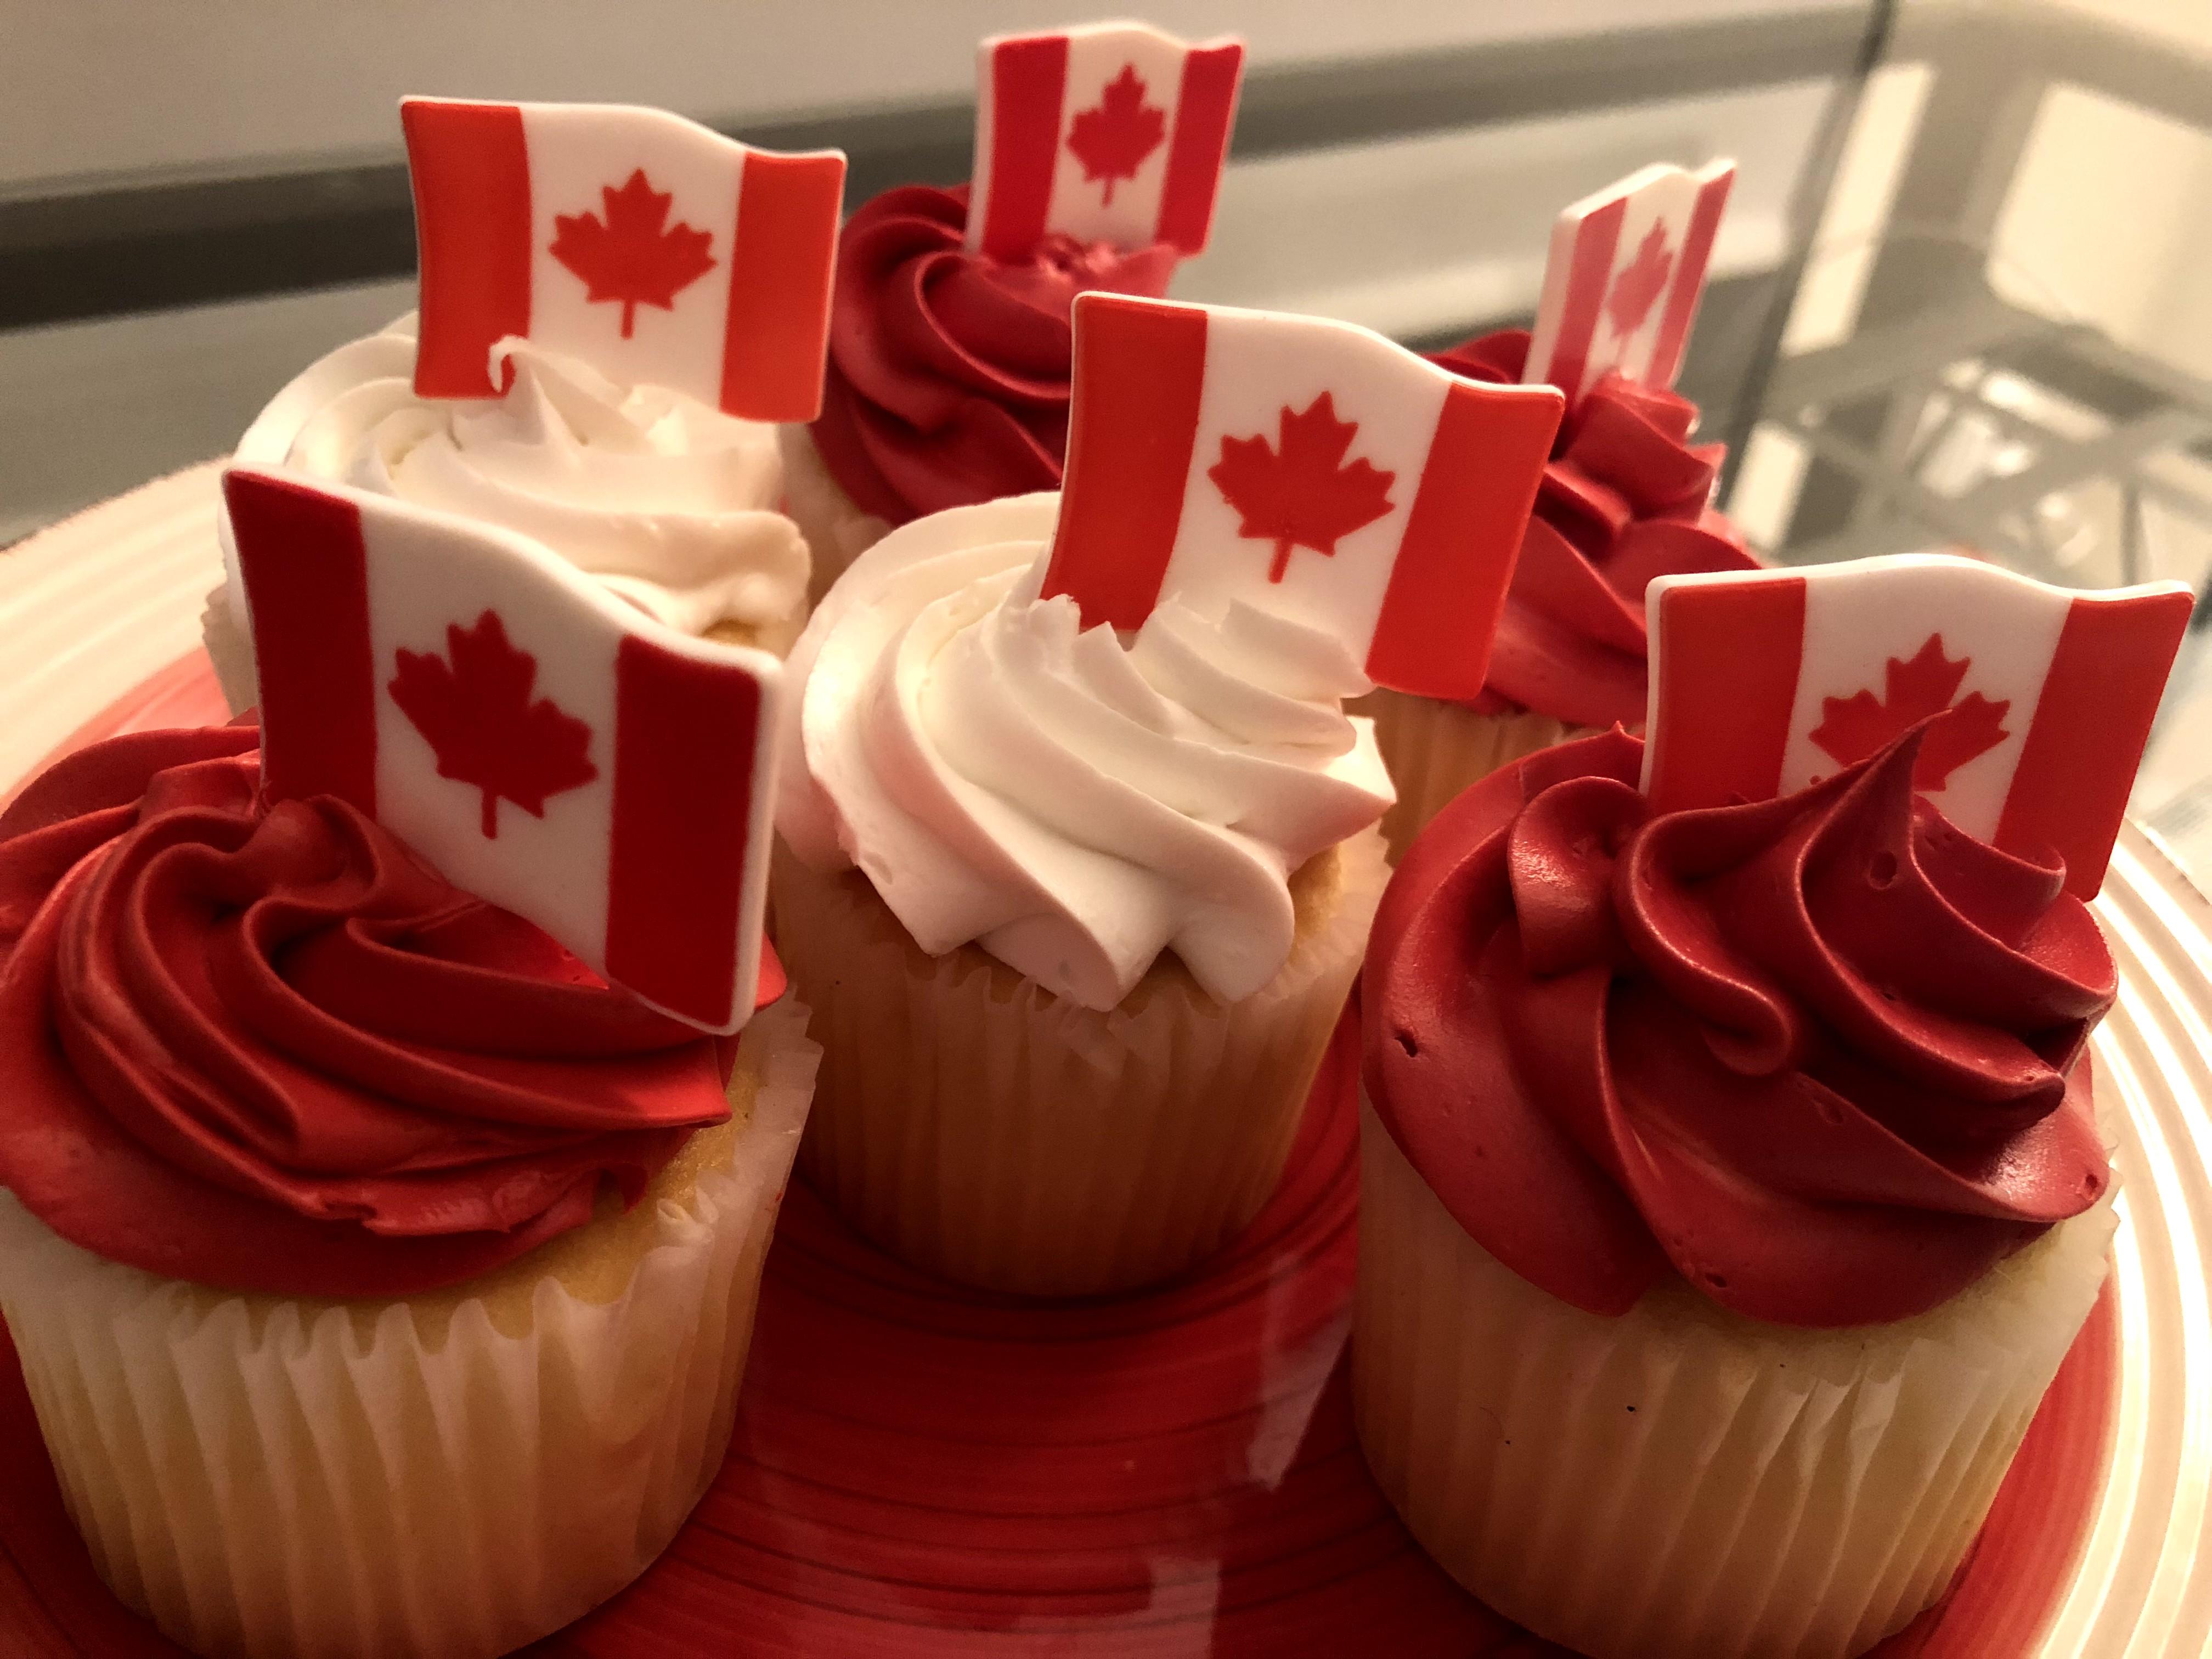 О продуктах и ценах в Торонто: блог сравнение цен и анбоксинг